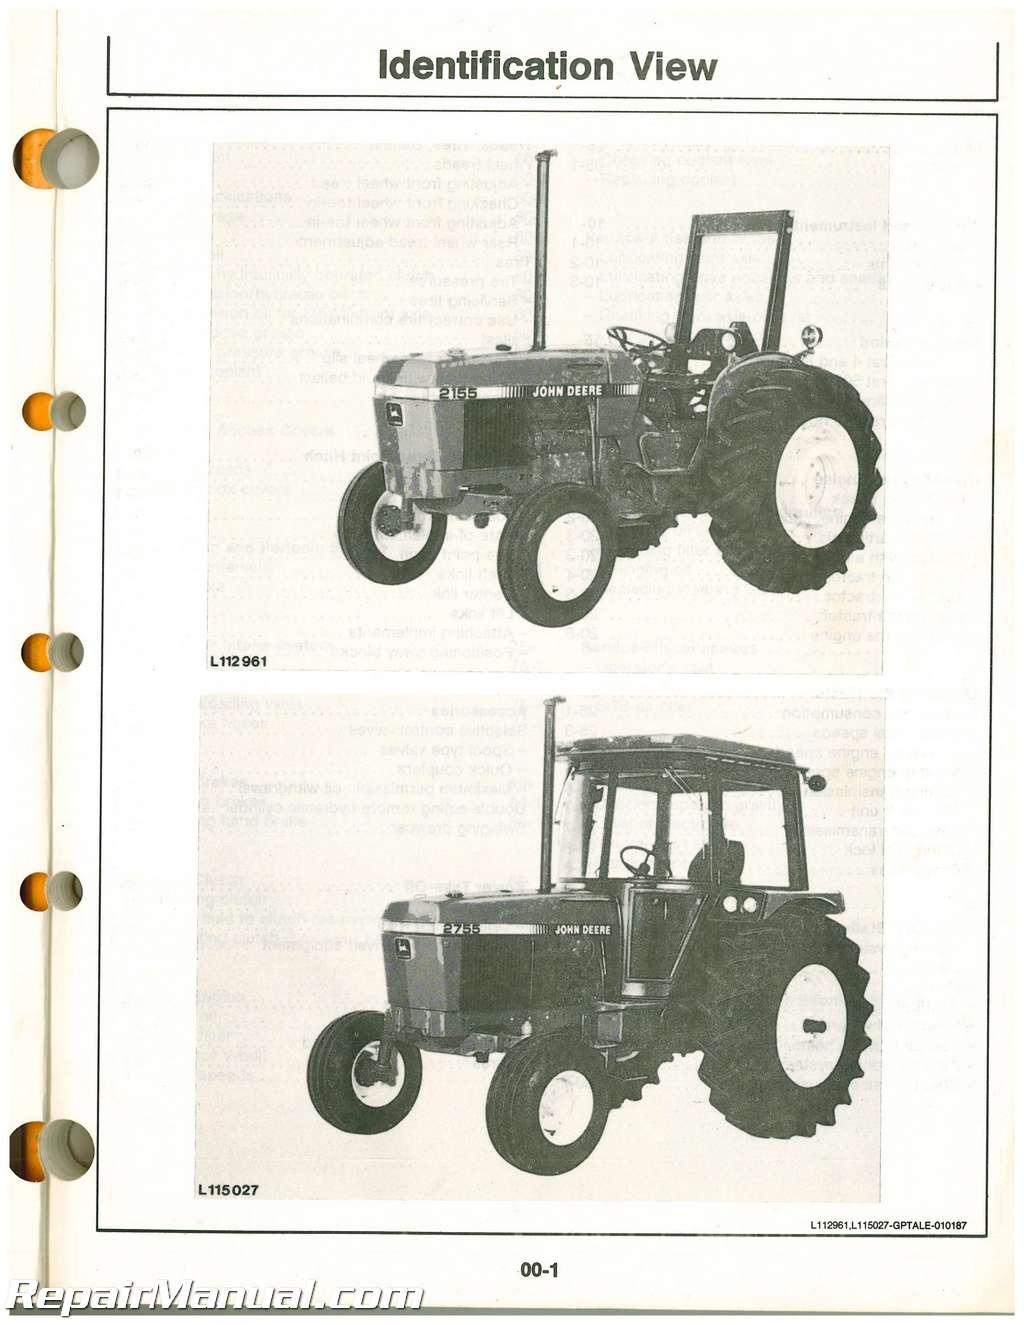 john deere 2155 wiring diagram free picture john deere 2155 2355 2555 and 2755 tractors operators manual ebay  john deere 2155 2355 2555 and 2755